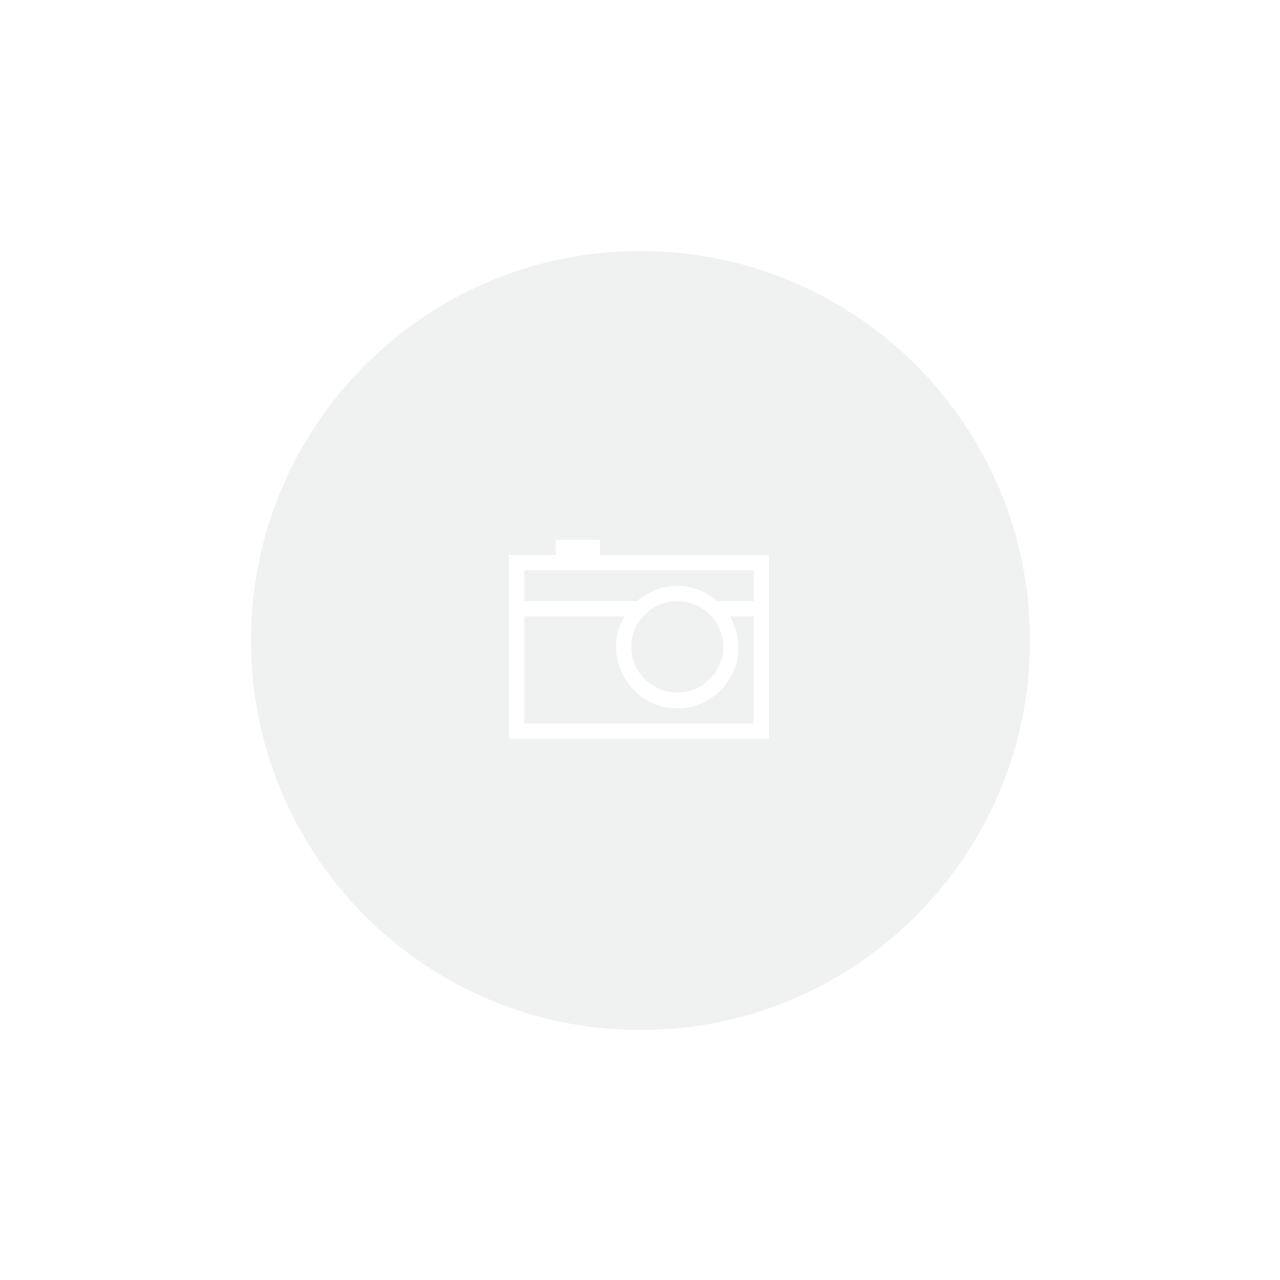 Lamicote Textura 180g - Ref. 01 Violeta